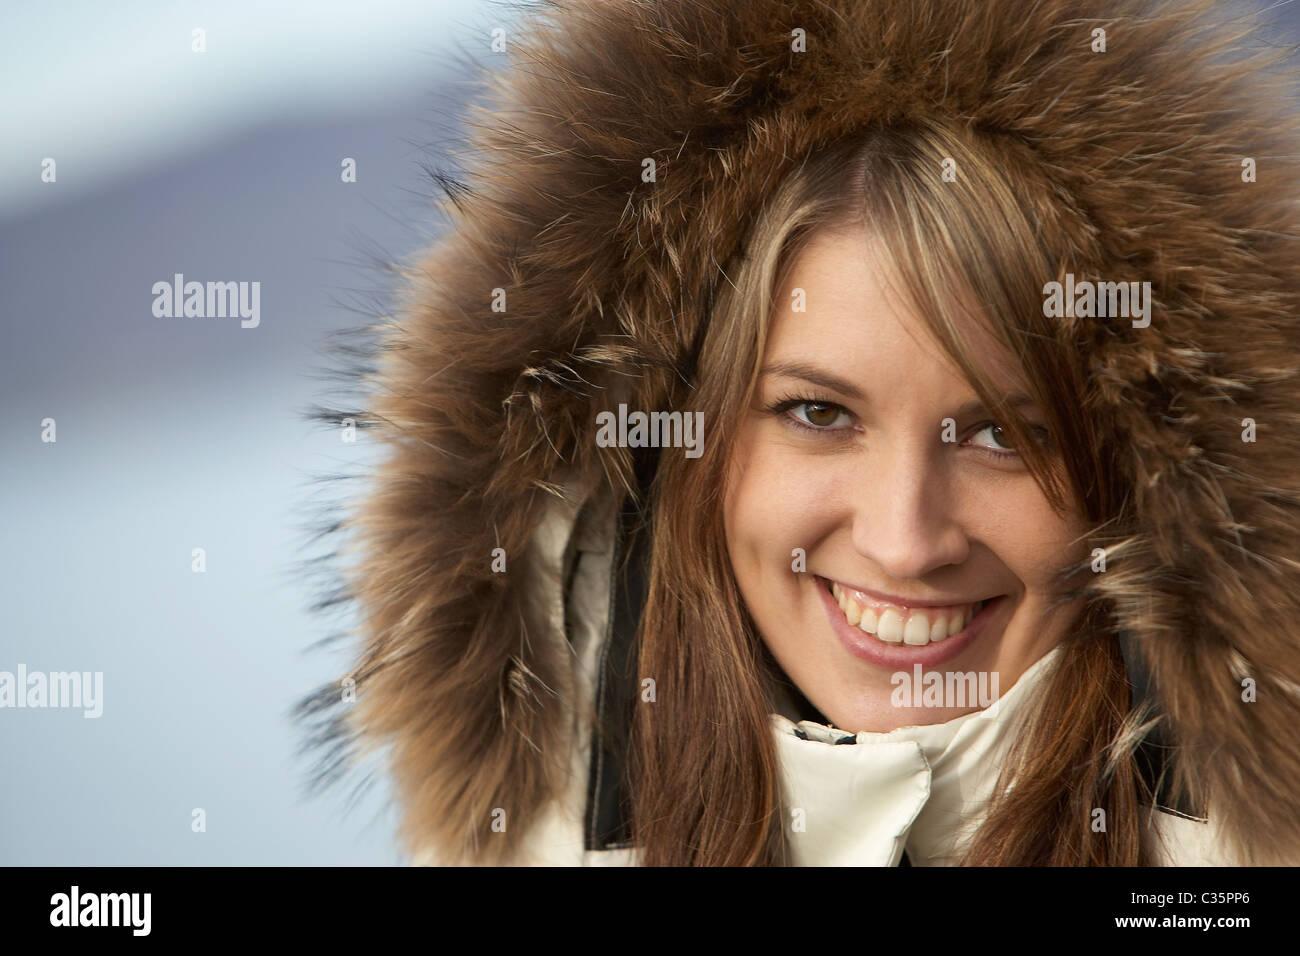 Female portrait, wearing fur hood - Stock Image